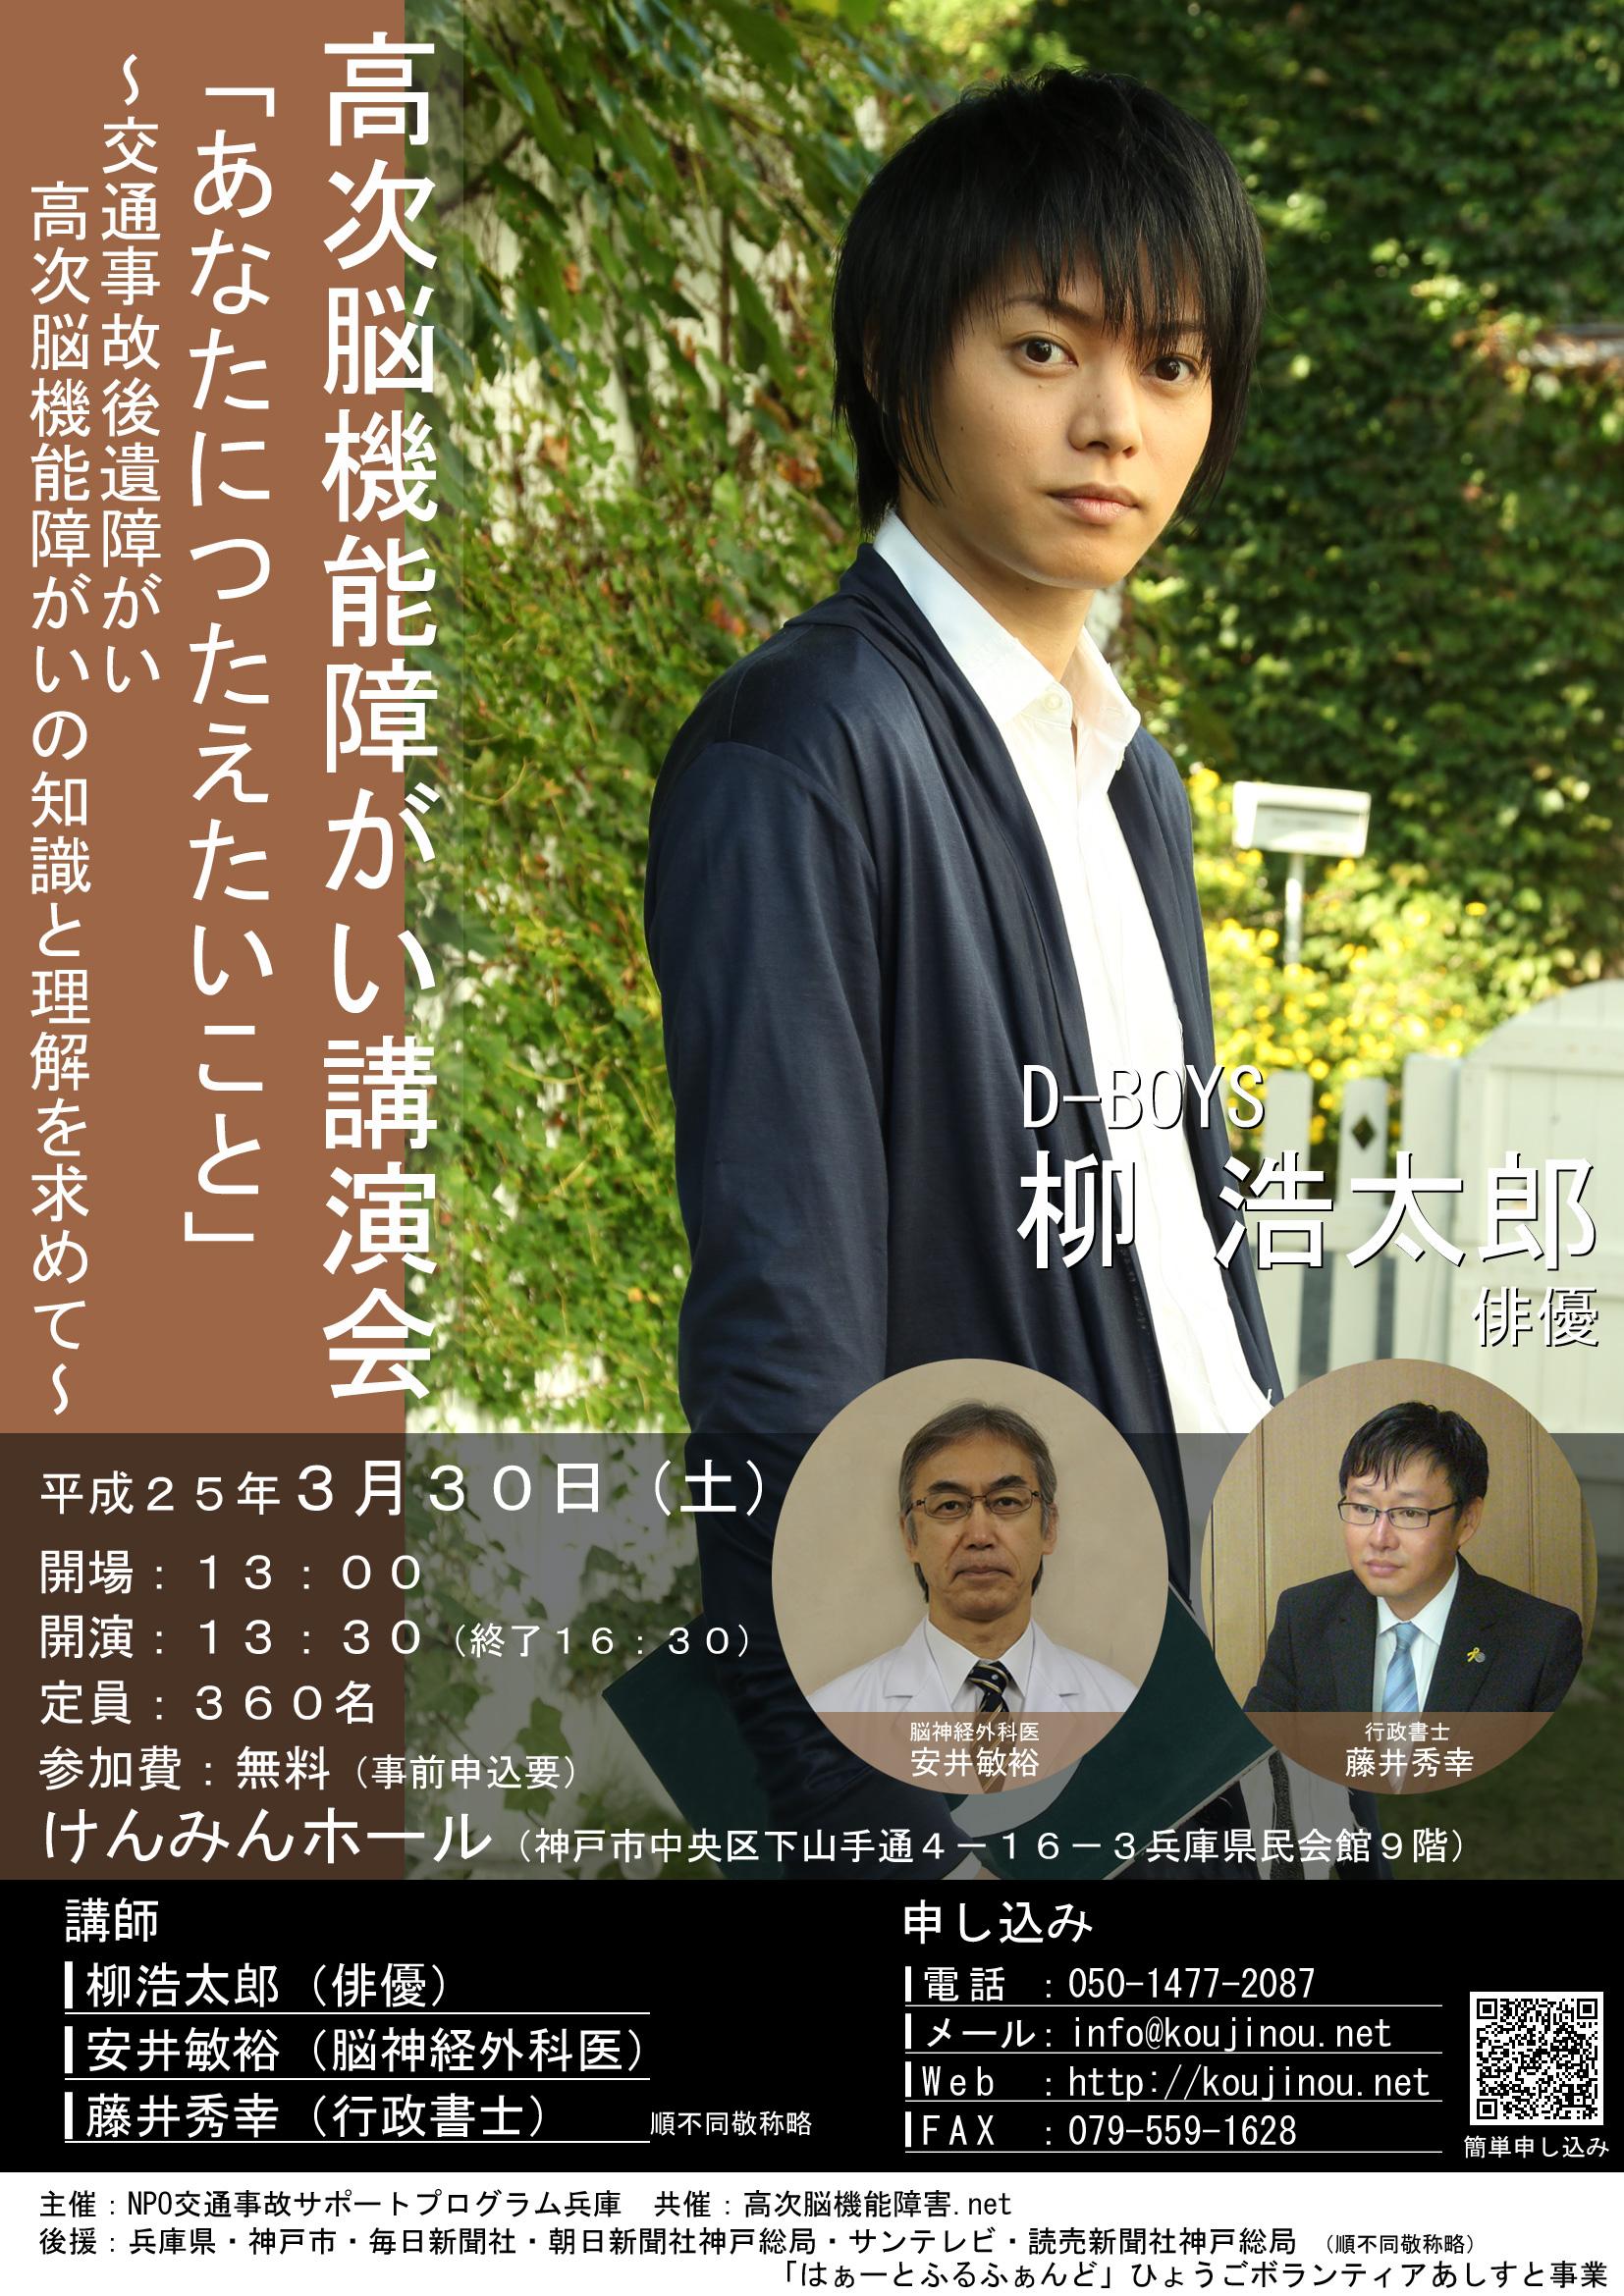 http://jiko.in/jiko-soudan/blog/2013/03/06/20130330k.jpg